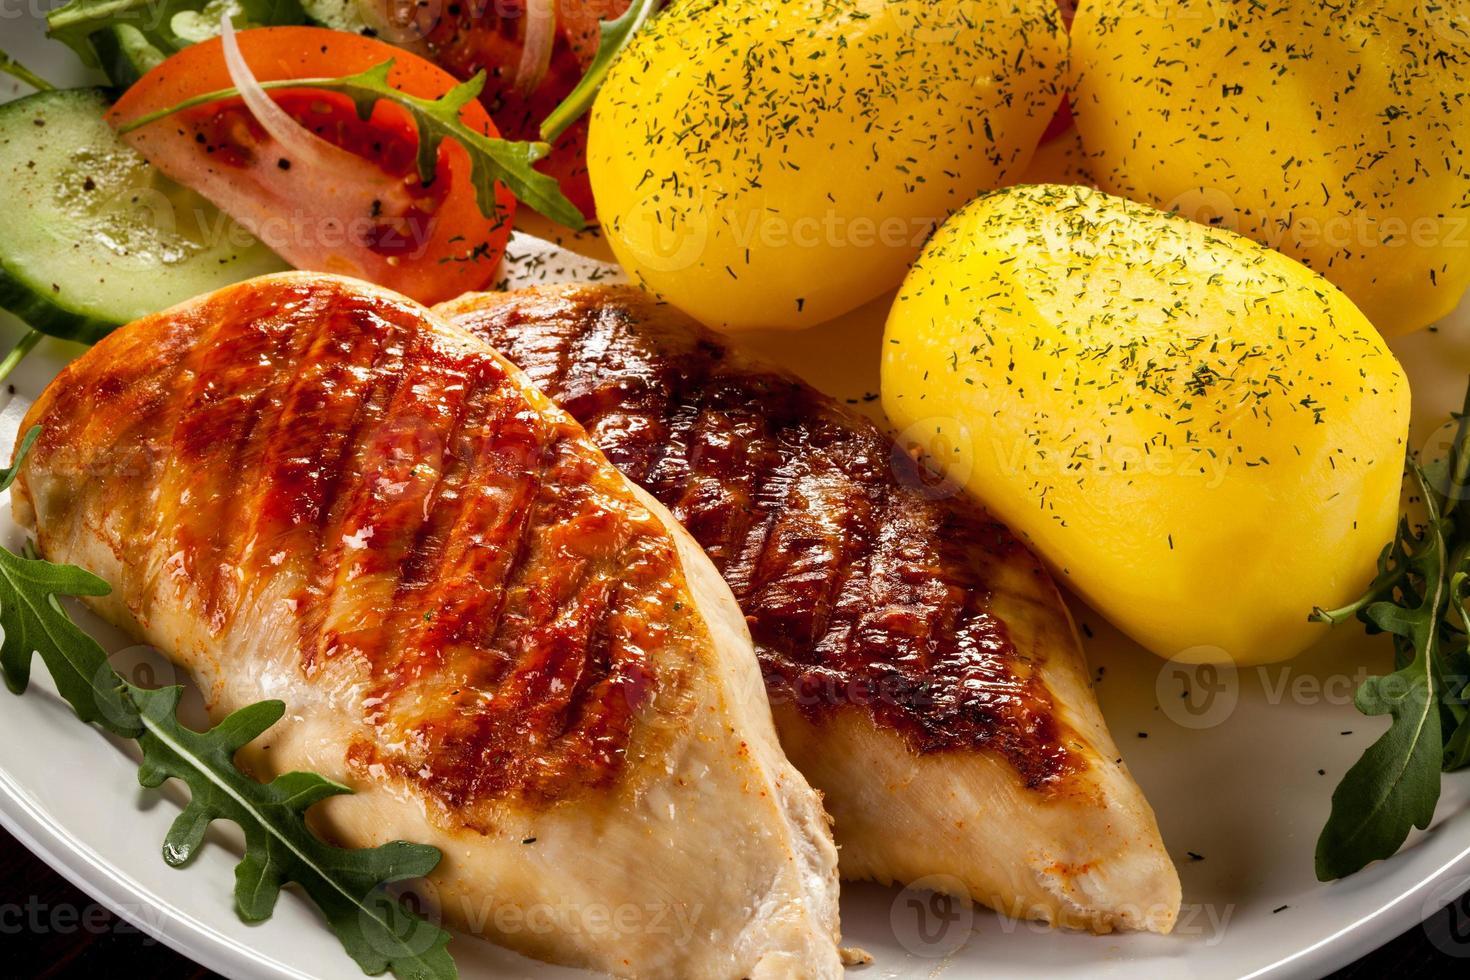 filets de poulet grillés, pommes de terre bouillies et légumes photo